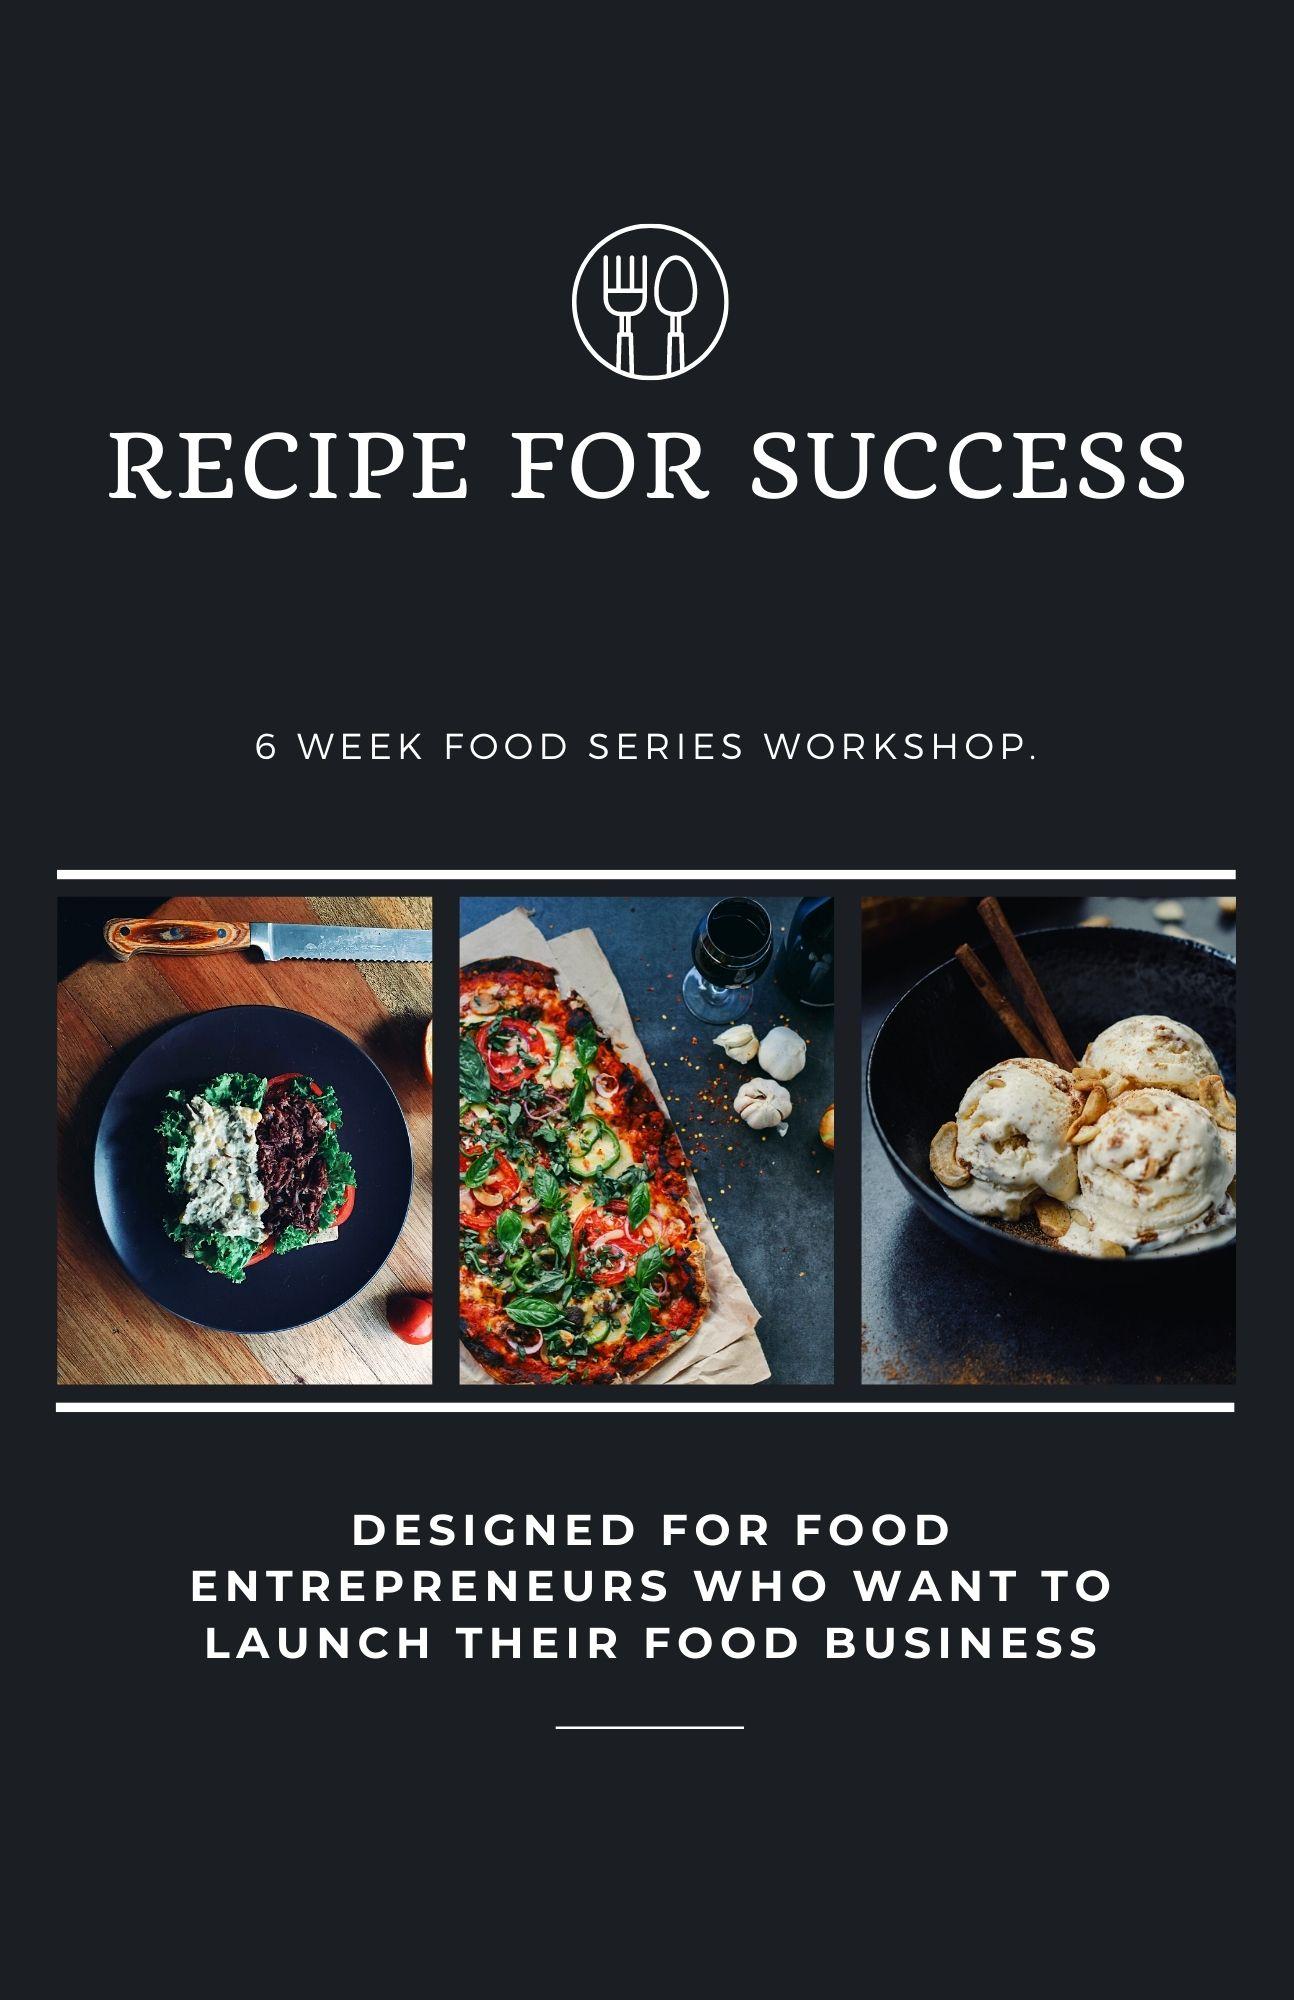 https://www.rencenter.org/wp-content/uploads/2021/04/Silver-Kitchen-Restaurant-Flyer.jpg